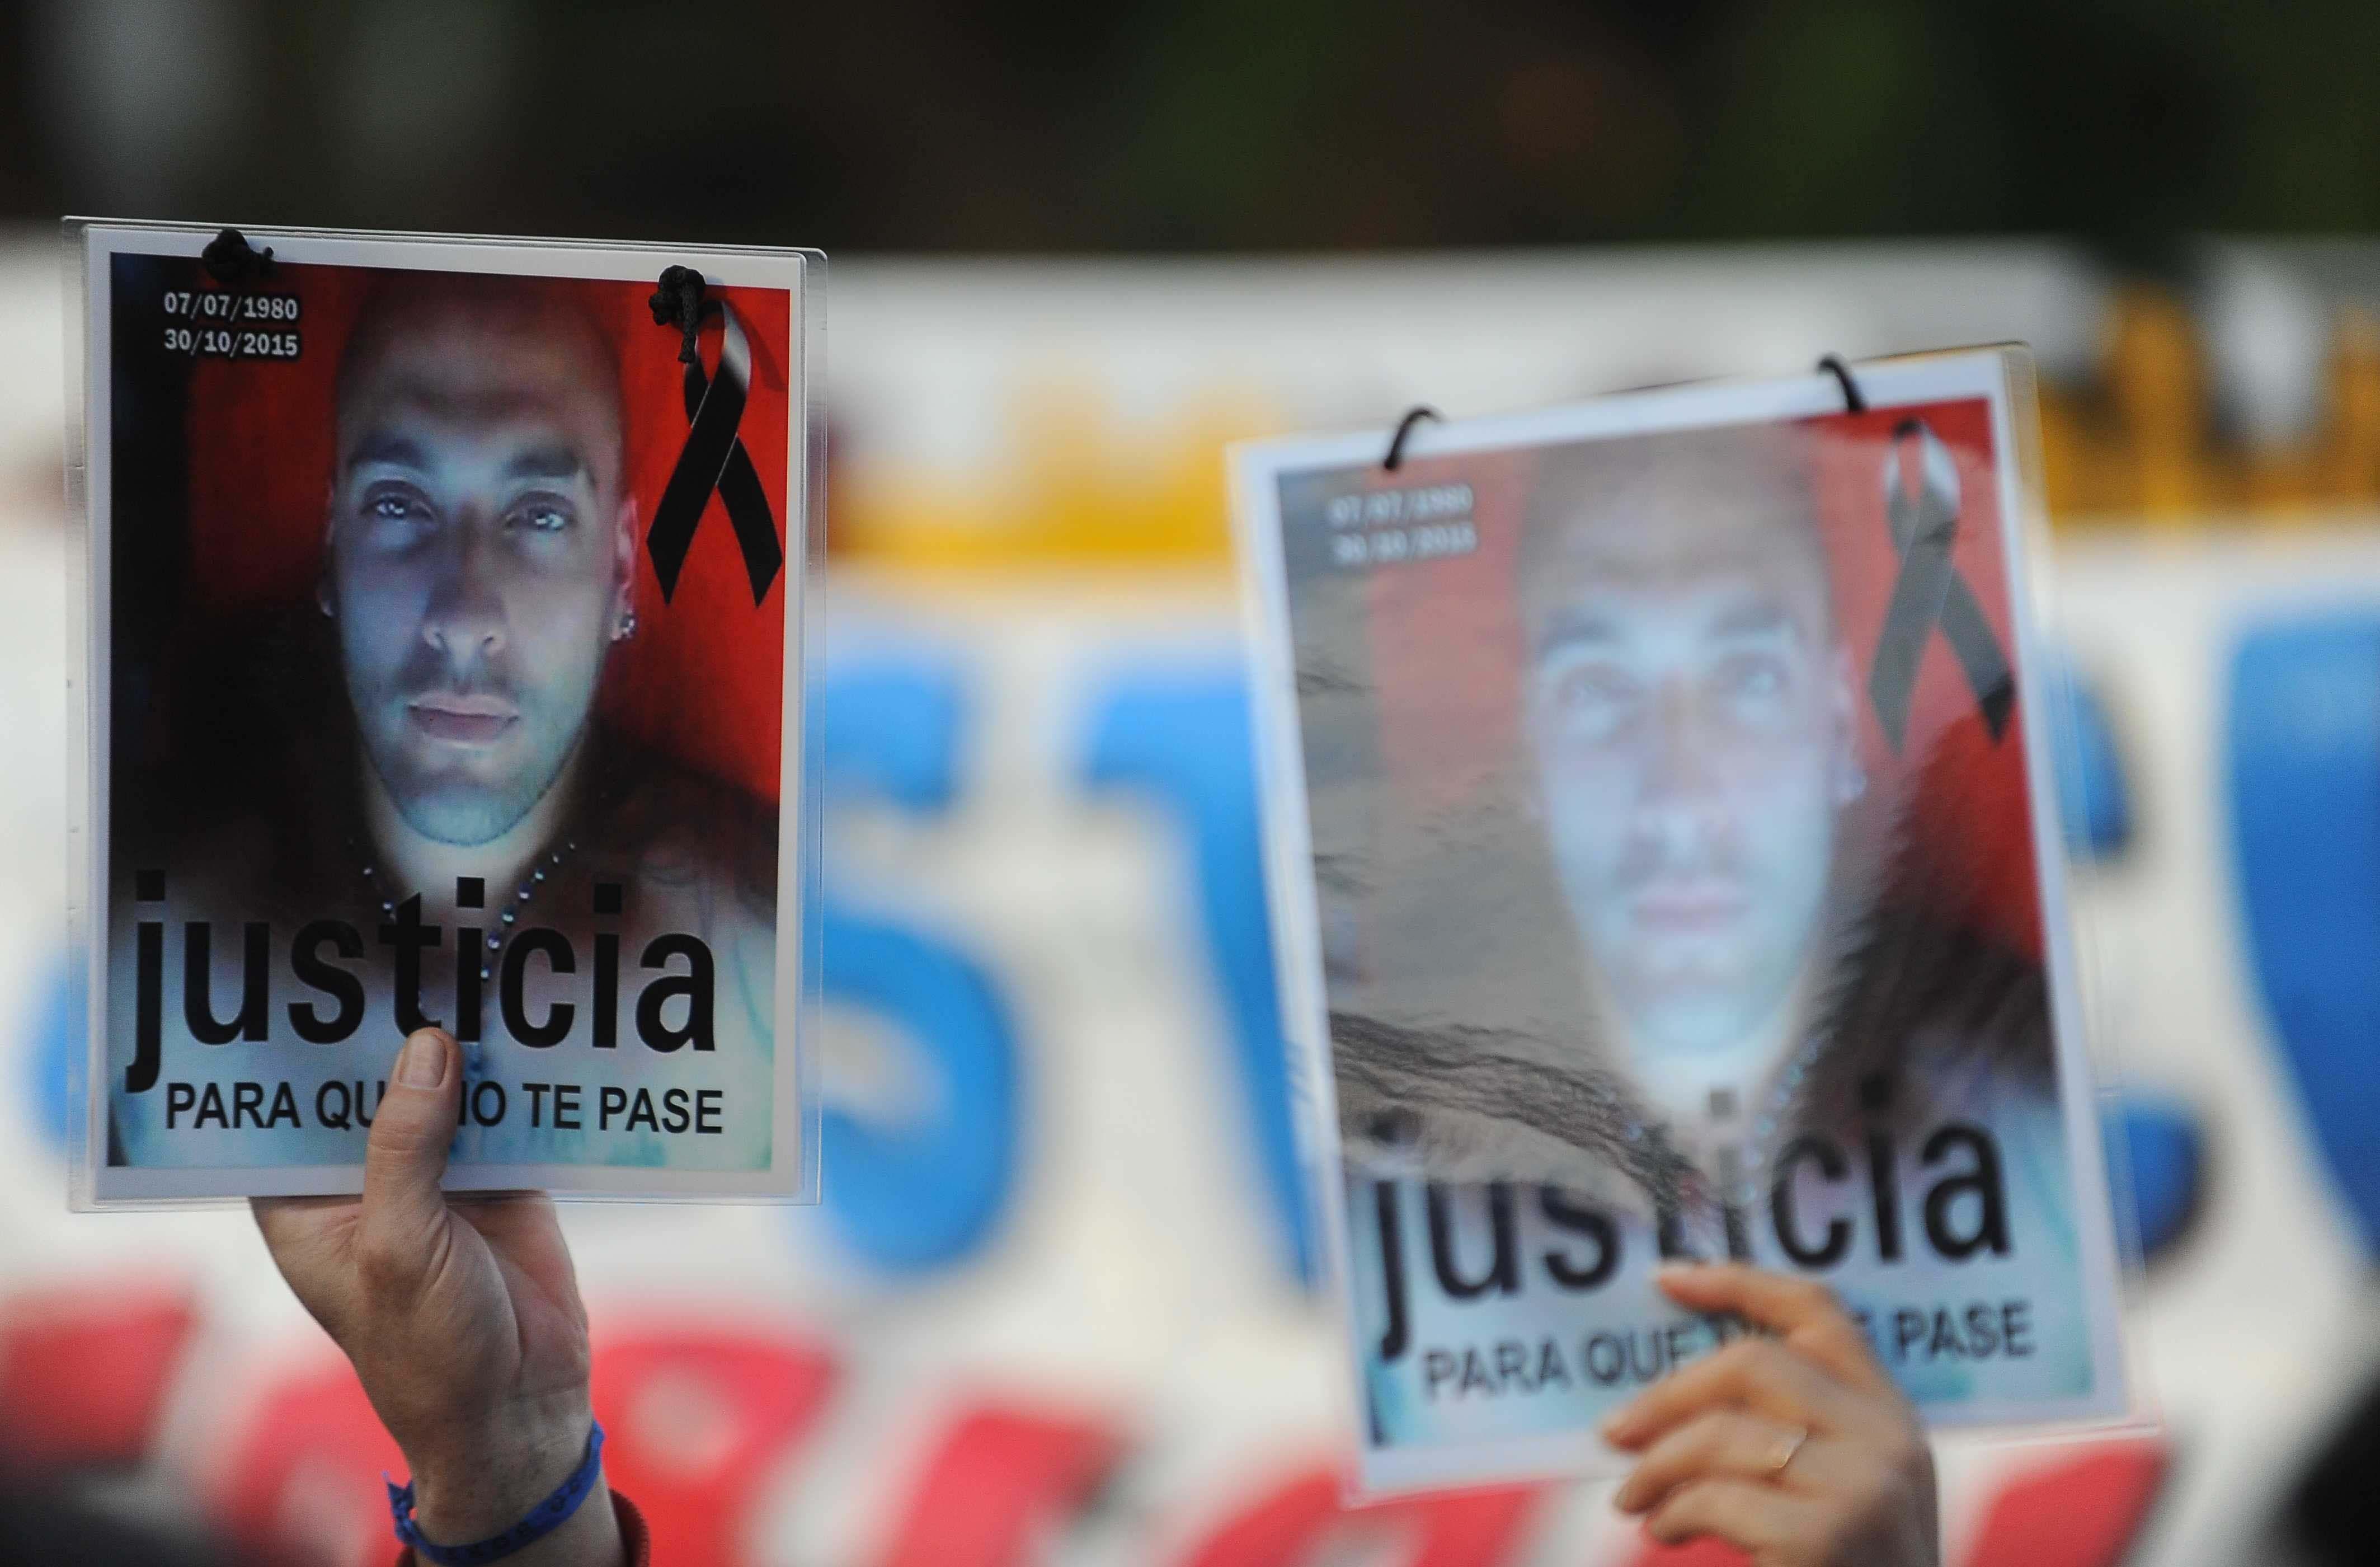 {altText(  <p>La marcha contra la inseguridad #ParaQueNoTePase, en el Congreso.</p> ,La marcha #ParaQueNoTePase, en fotos)}